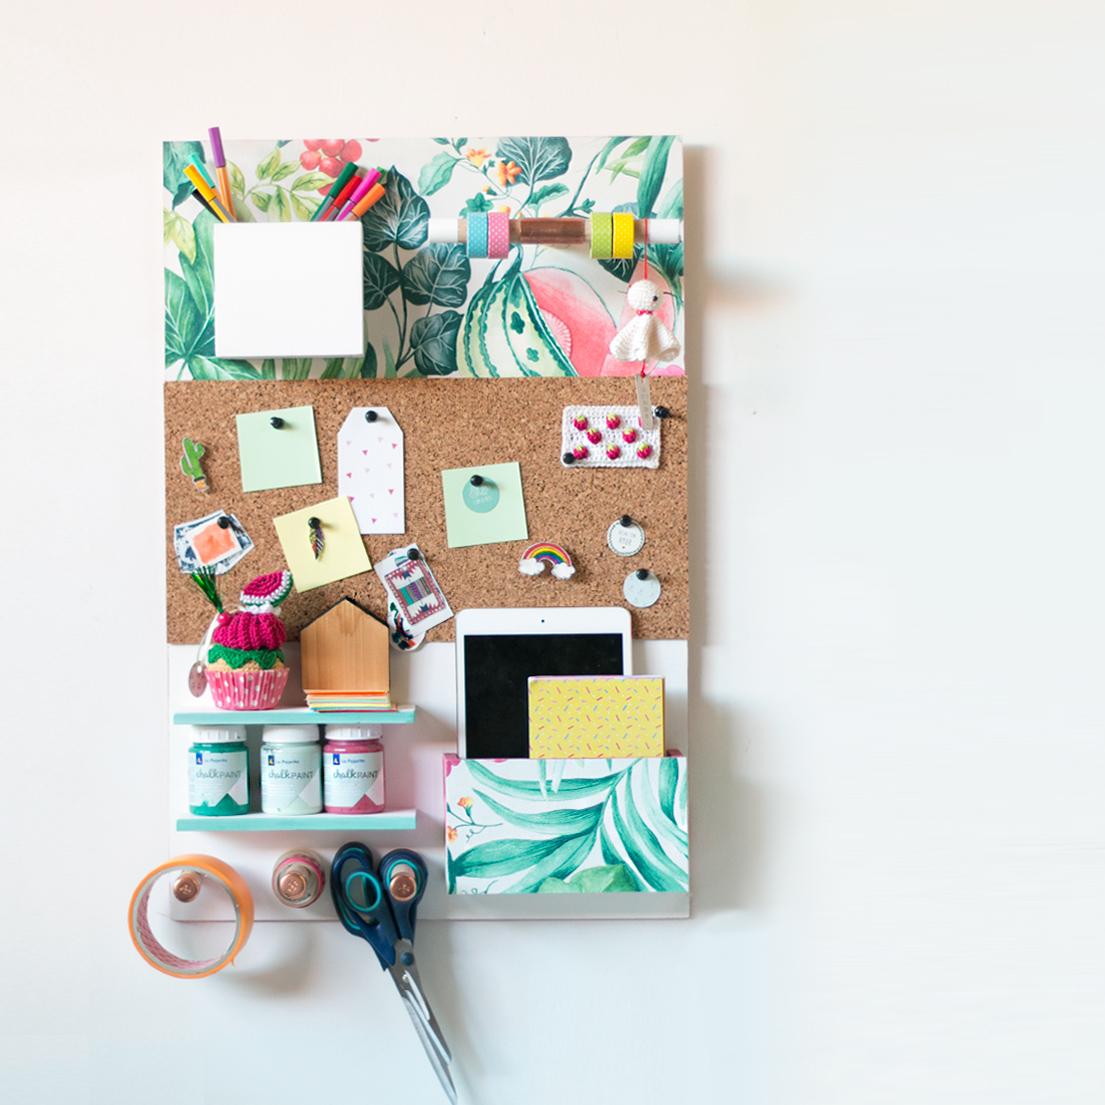 Organizador de pared diy hazlo tu misma - Organizador de escritorio ...